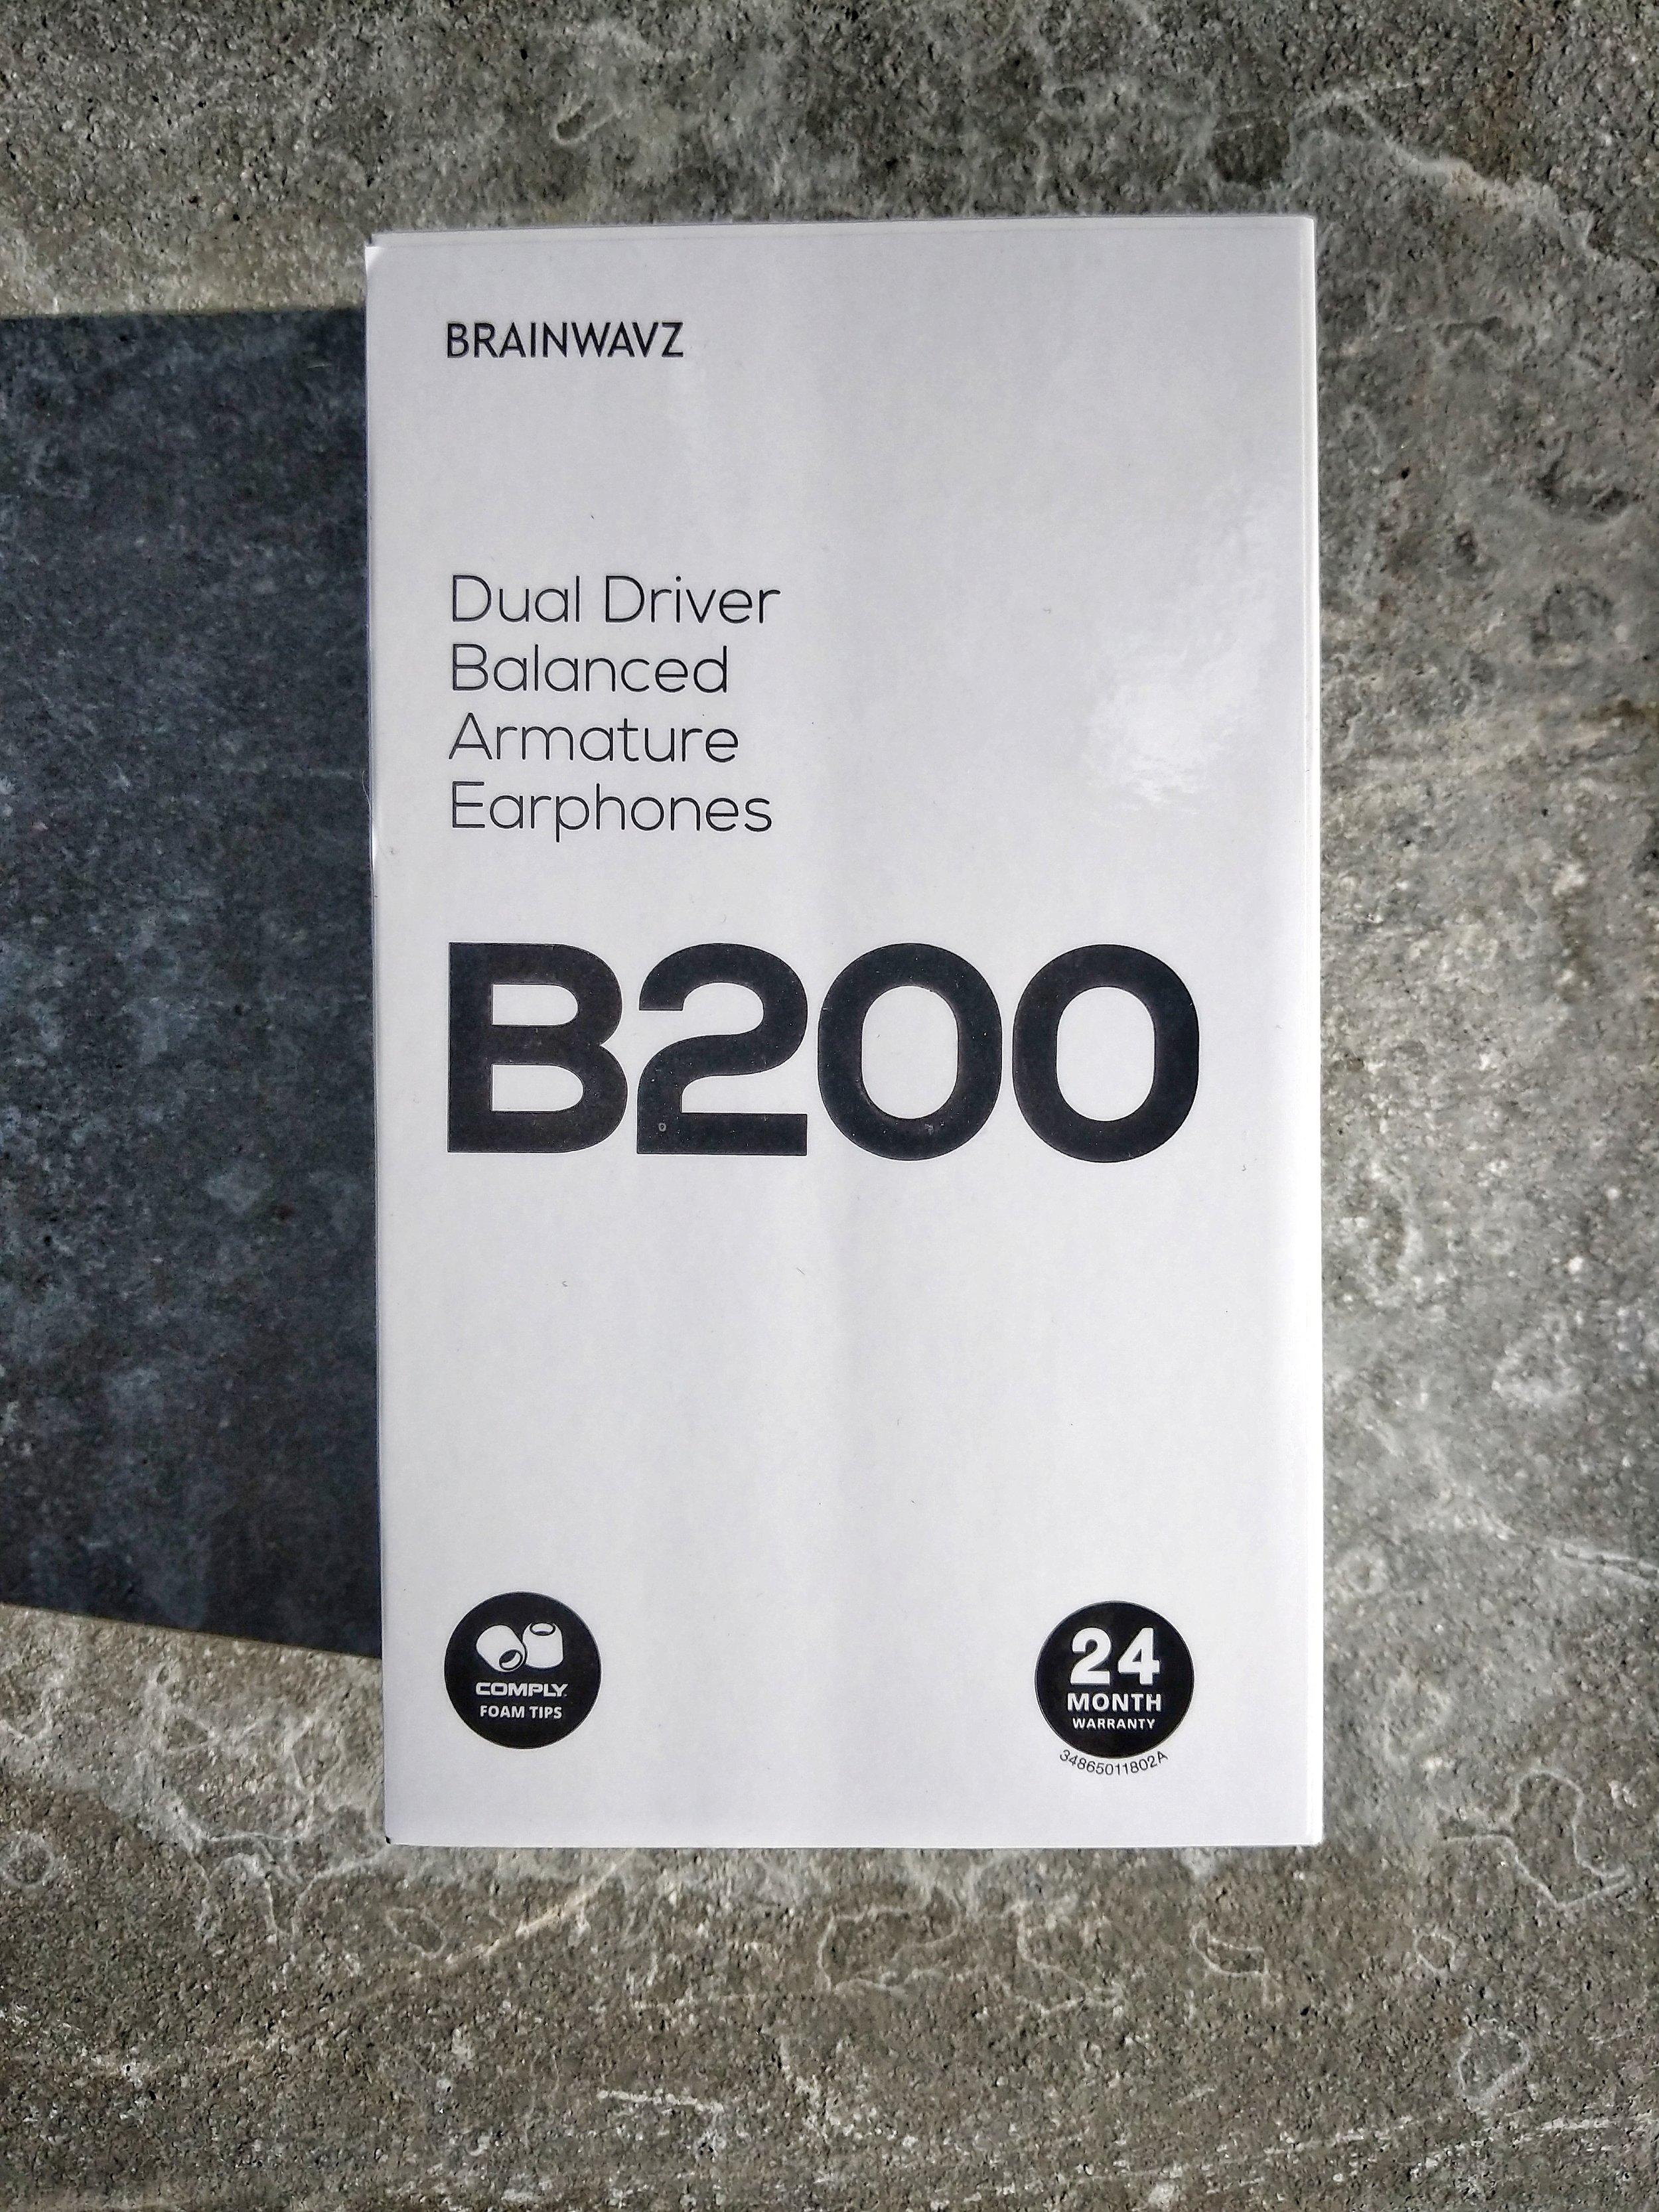 Brainwaves B200 earphones box